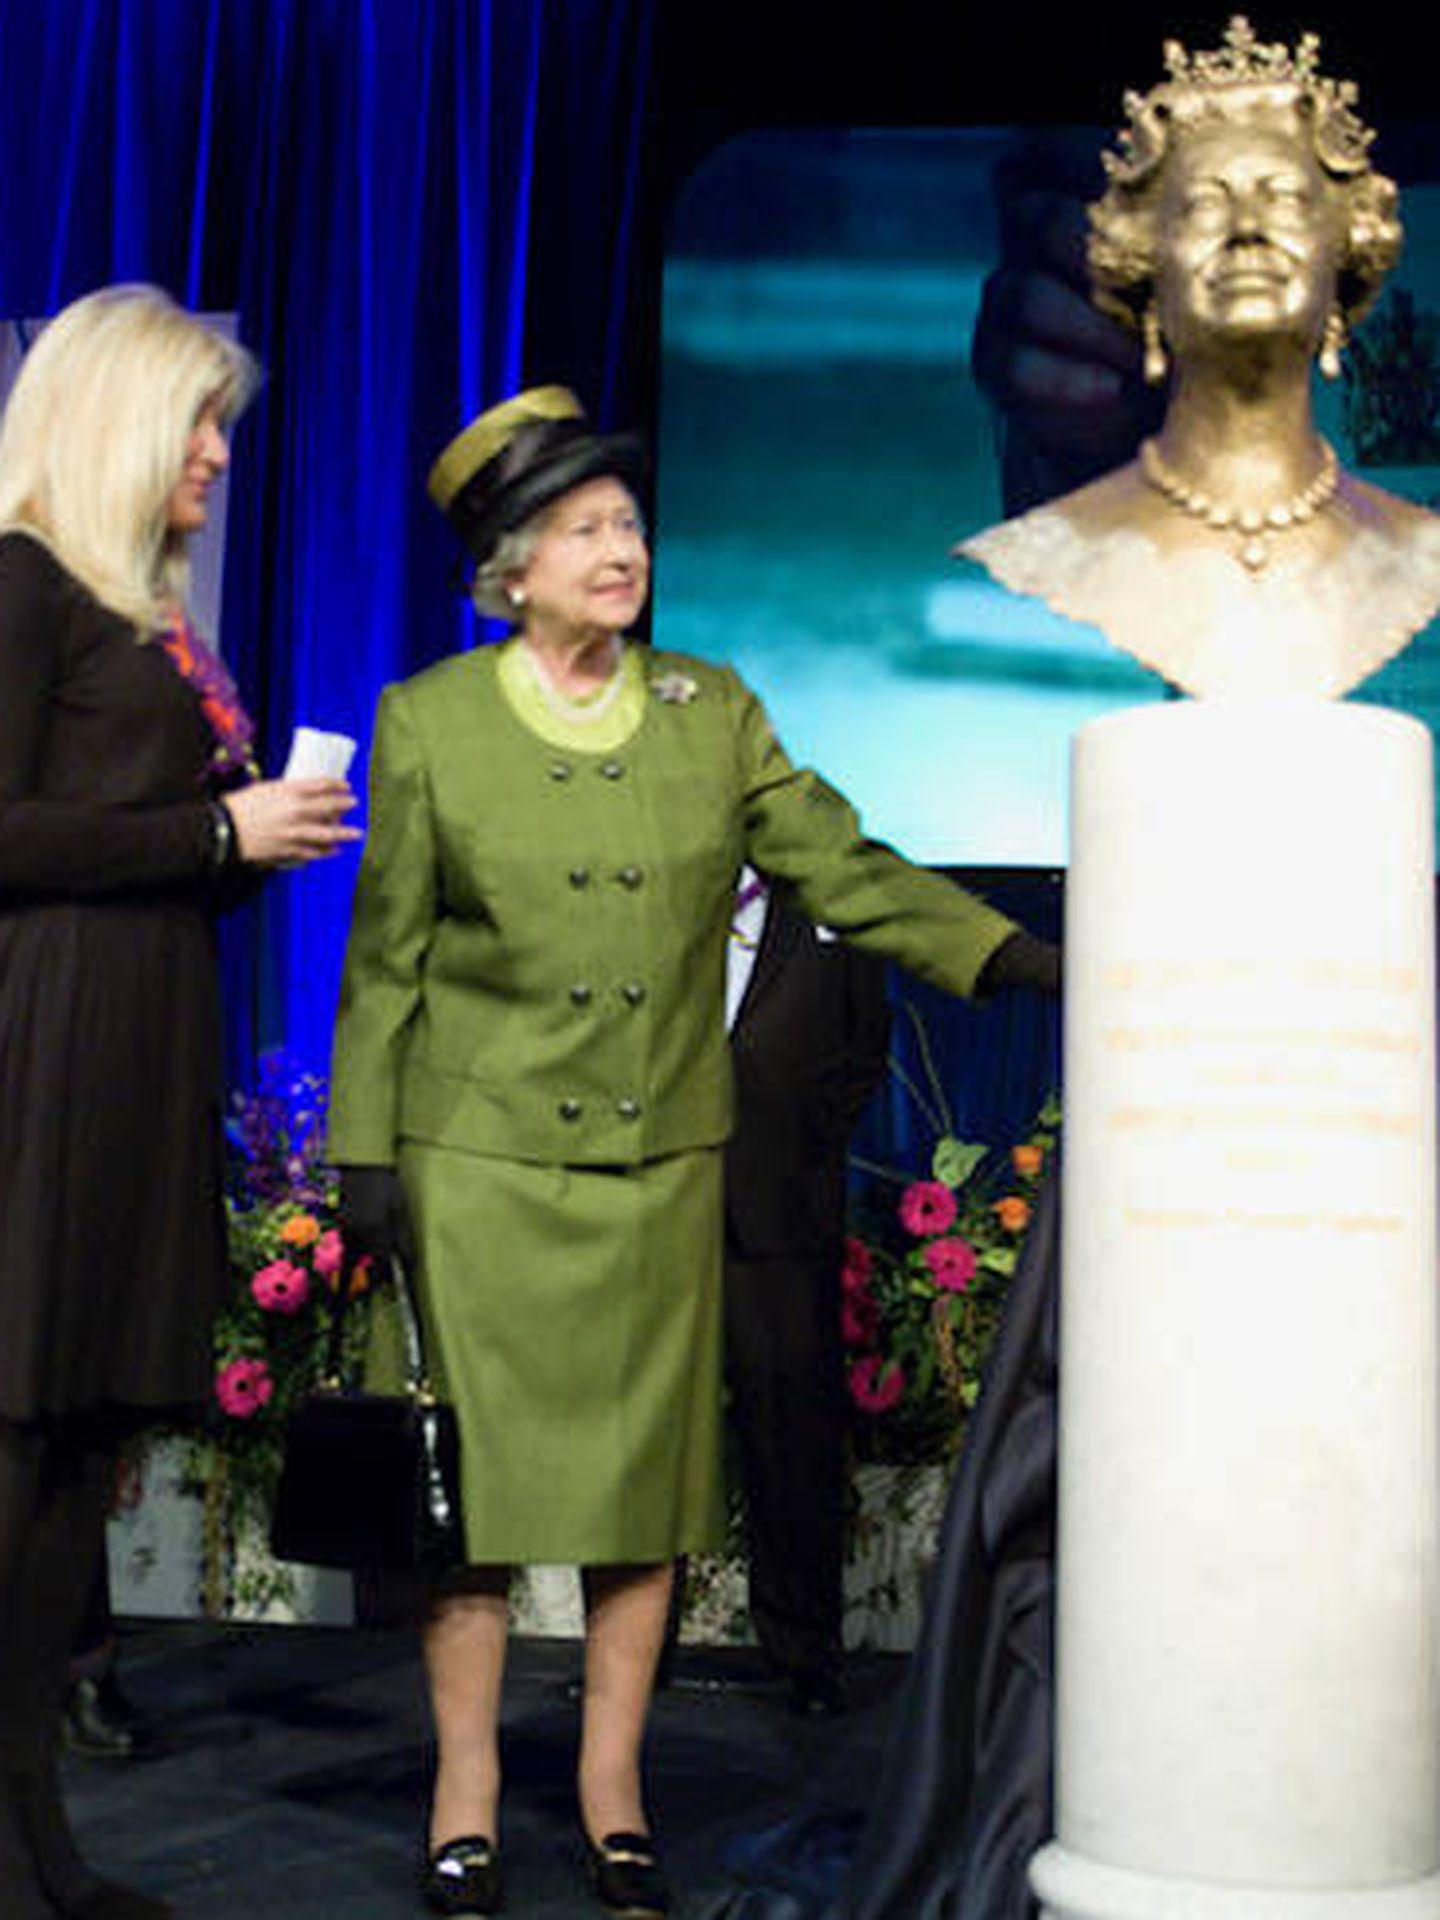 Frances Segelman, con Isabel II mostrándole la escultura de su busto. (Cortesía)